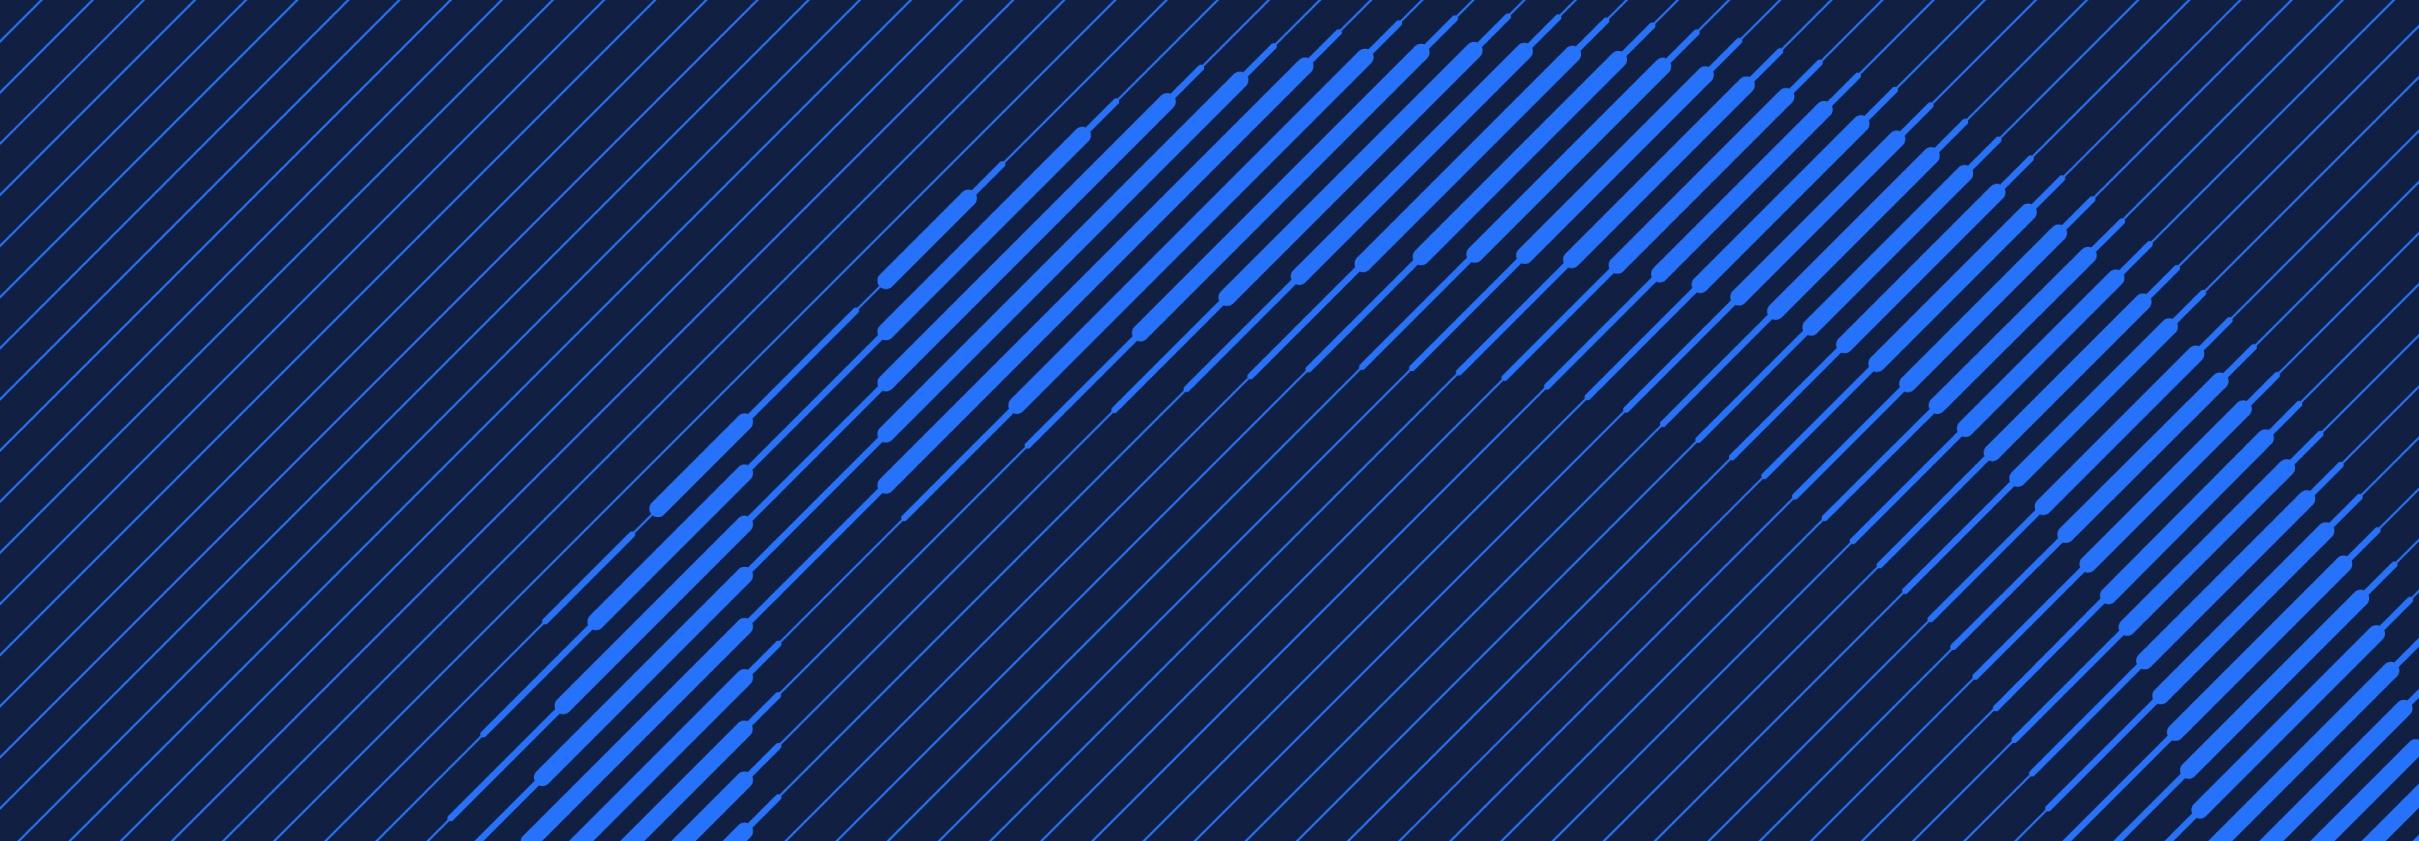 o-pattern-landing-page-banner.jpg